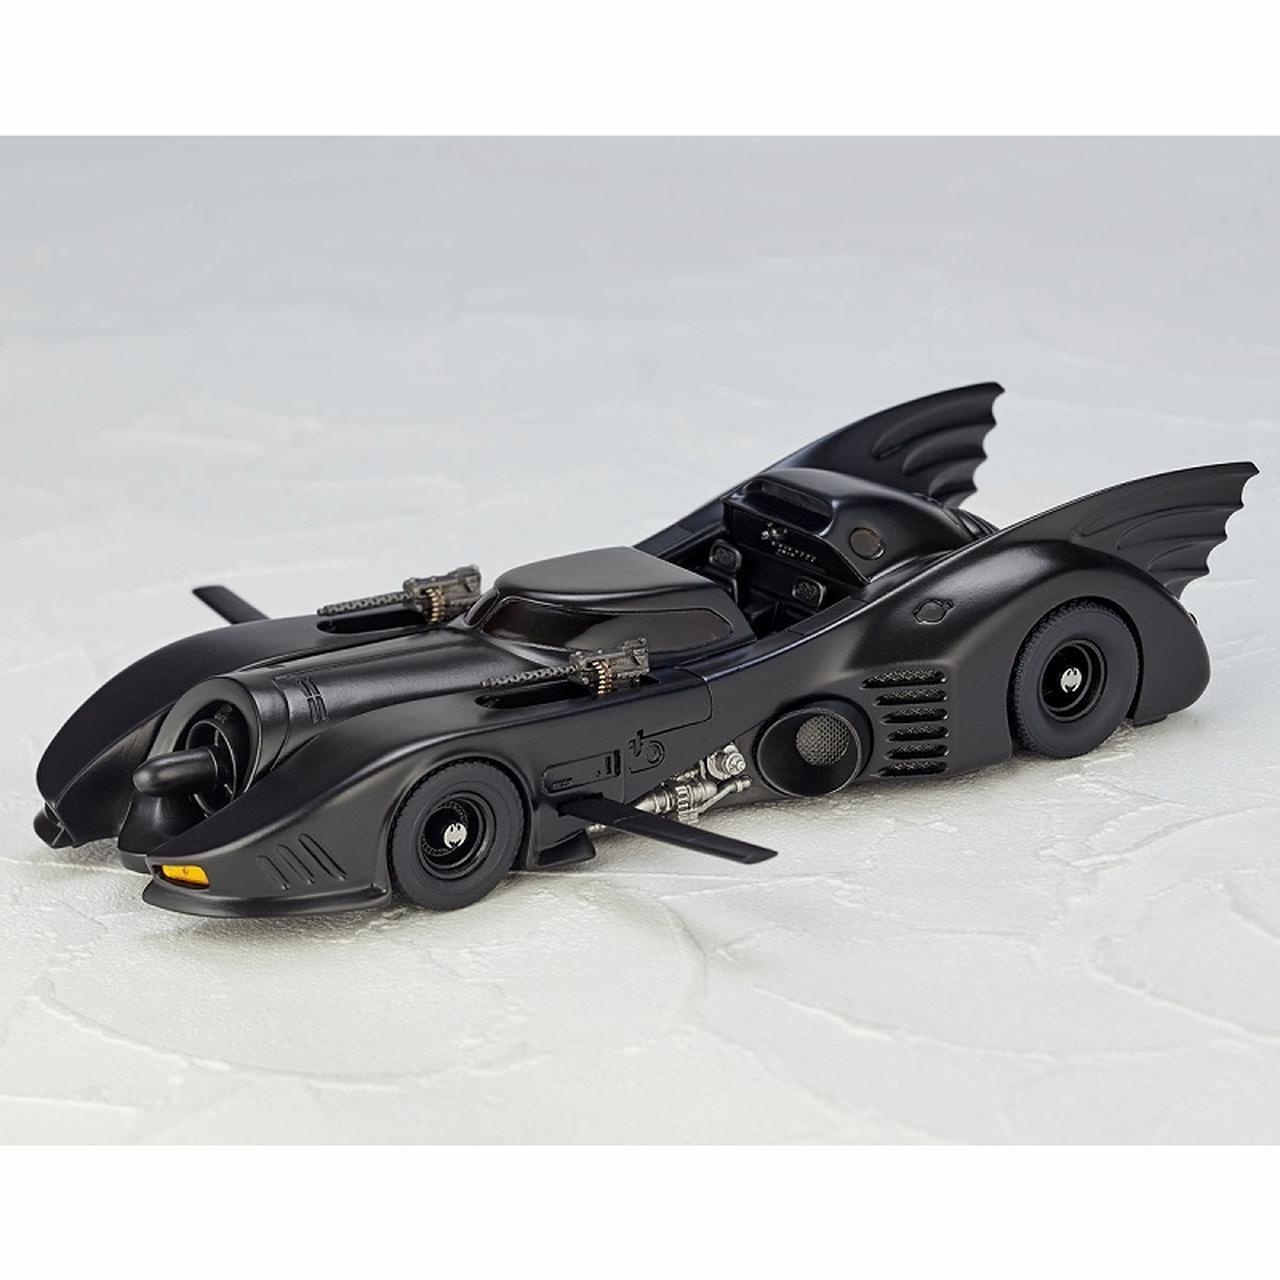 画像6: ティム・バートン監督作「バットマン」よりゴシック風デザイン、美しい流線型フォルを忠実に再現したバットモービルが発売!